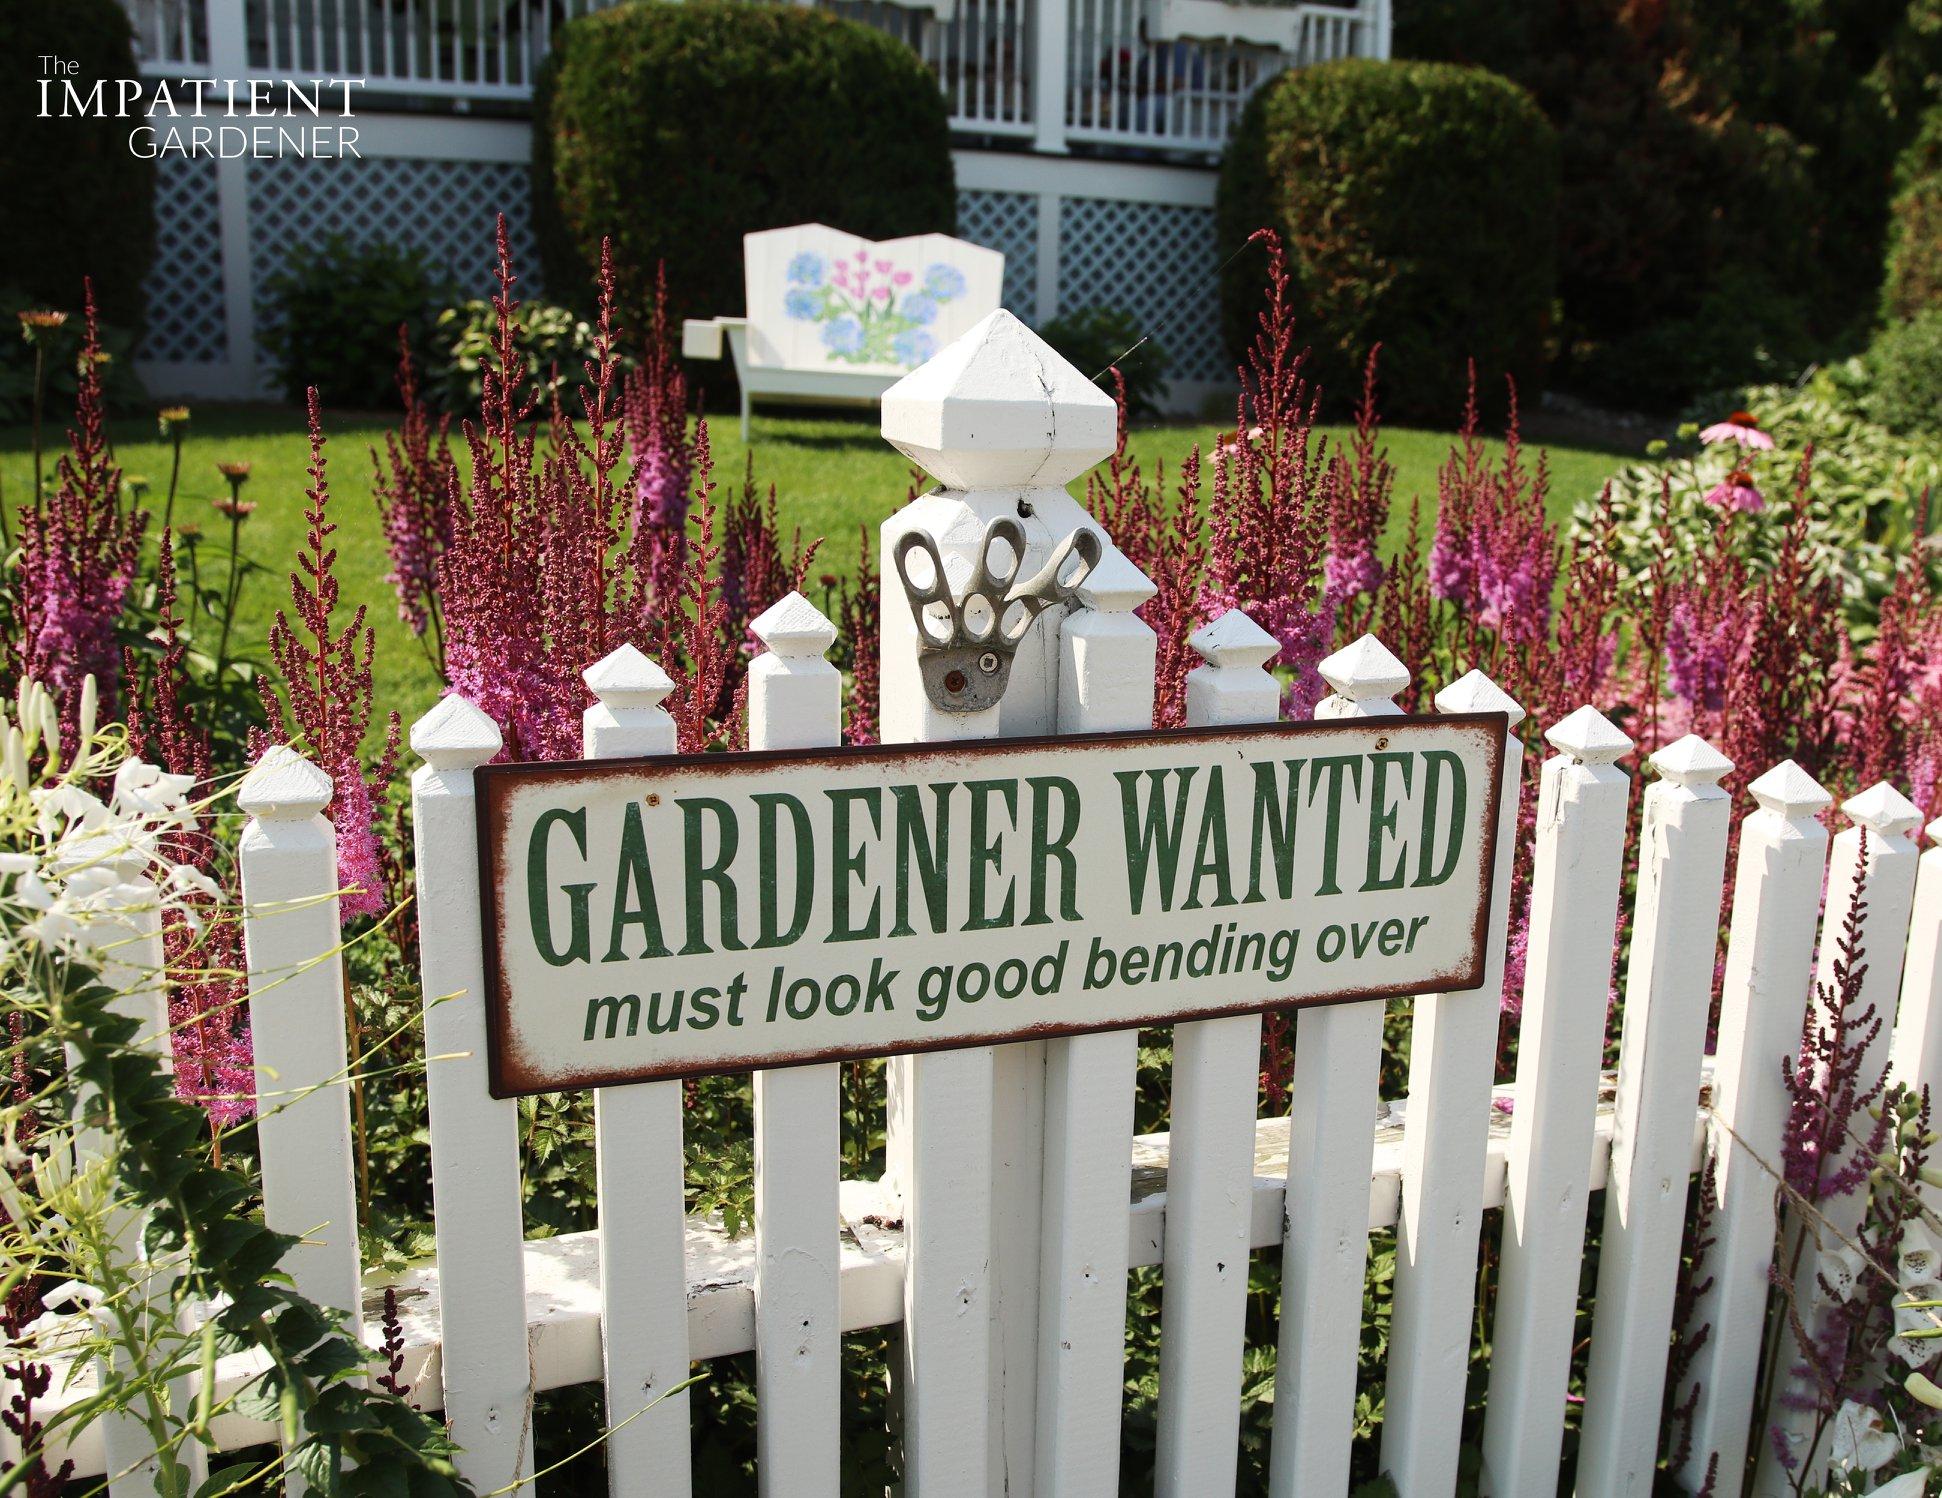 Gardener wanted. Must look good bending over.